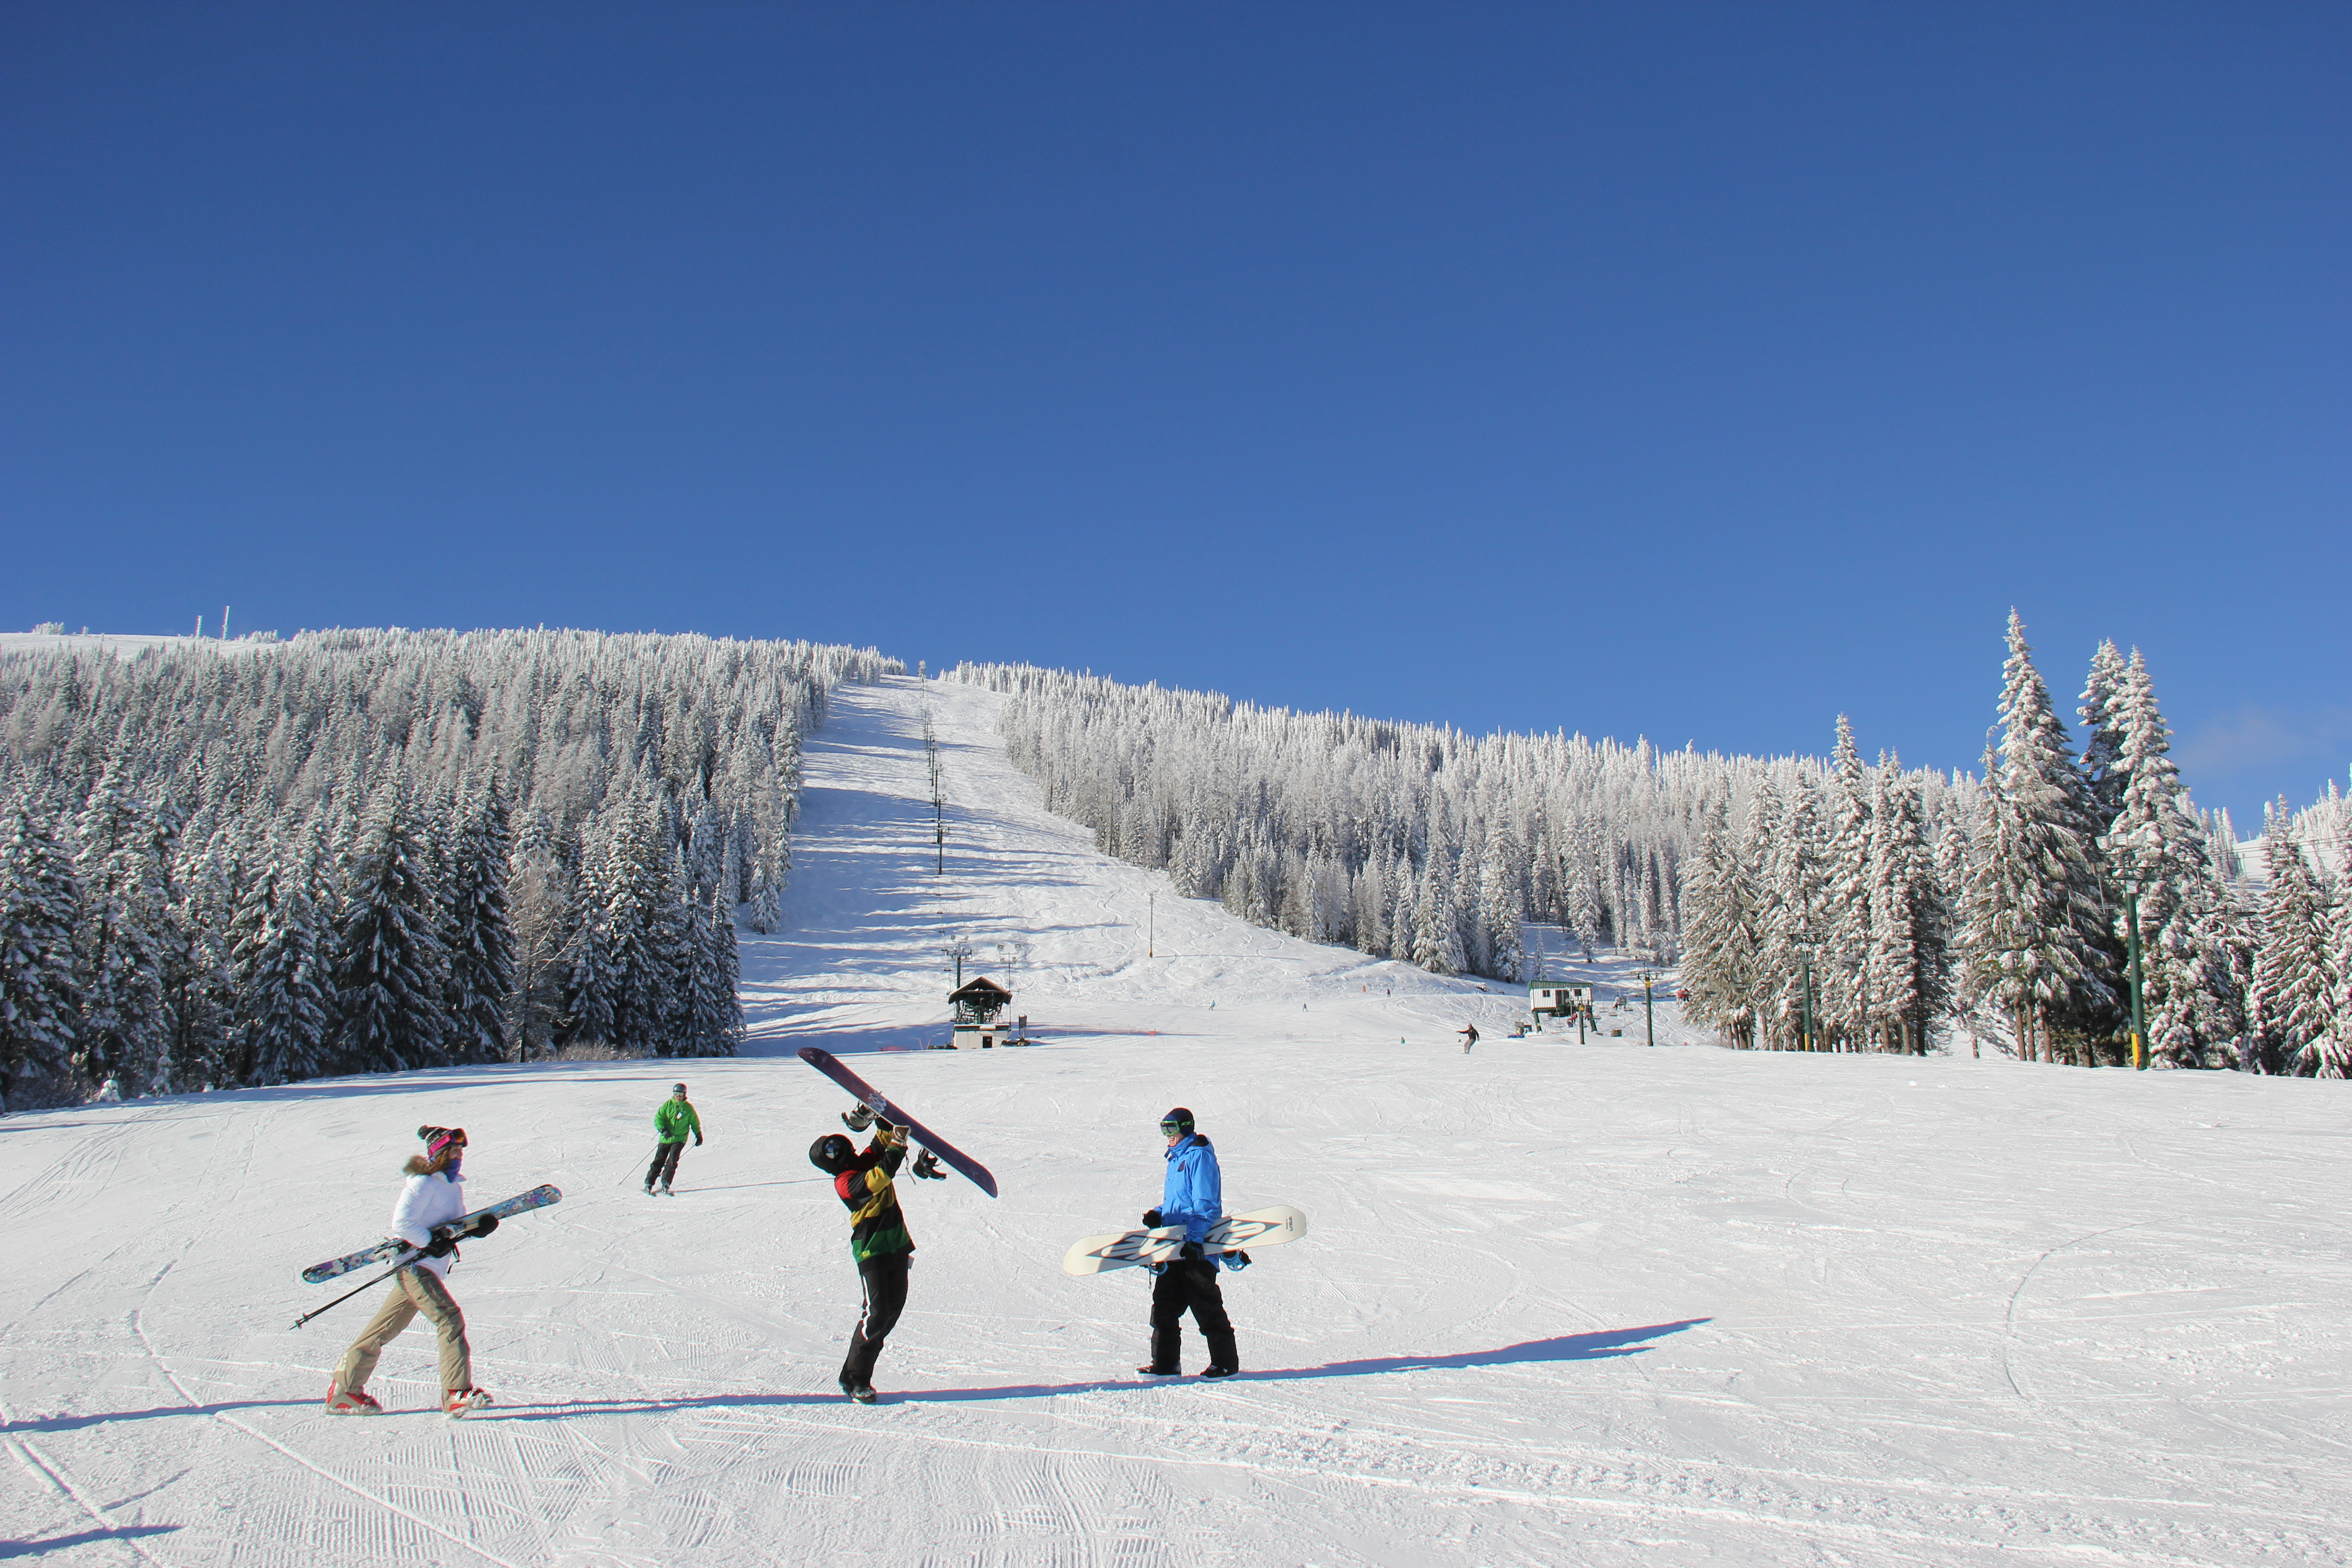 landers: mt. spokane resort has more snow than peak last year   the